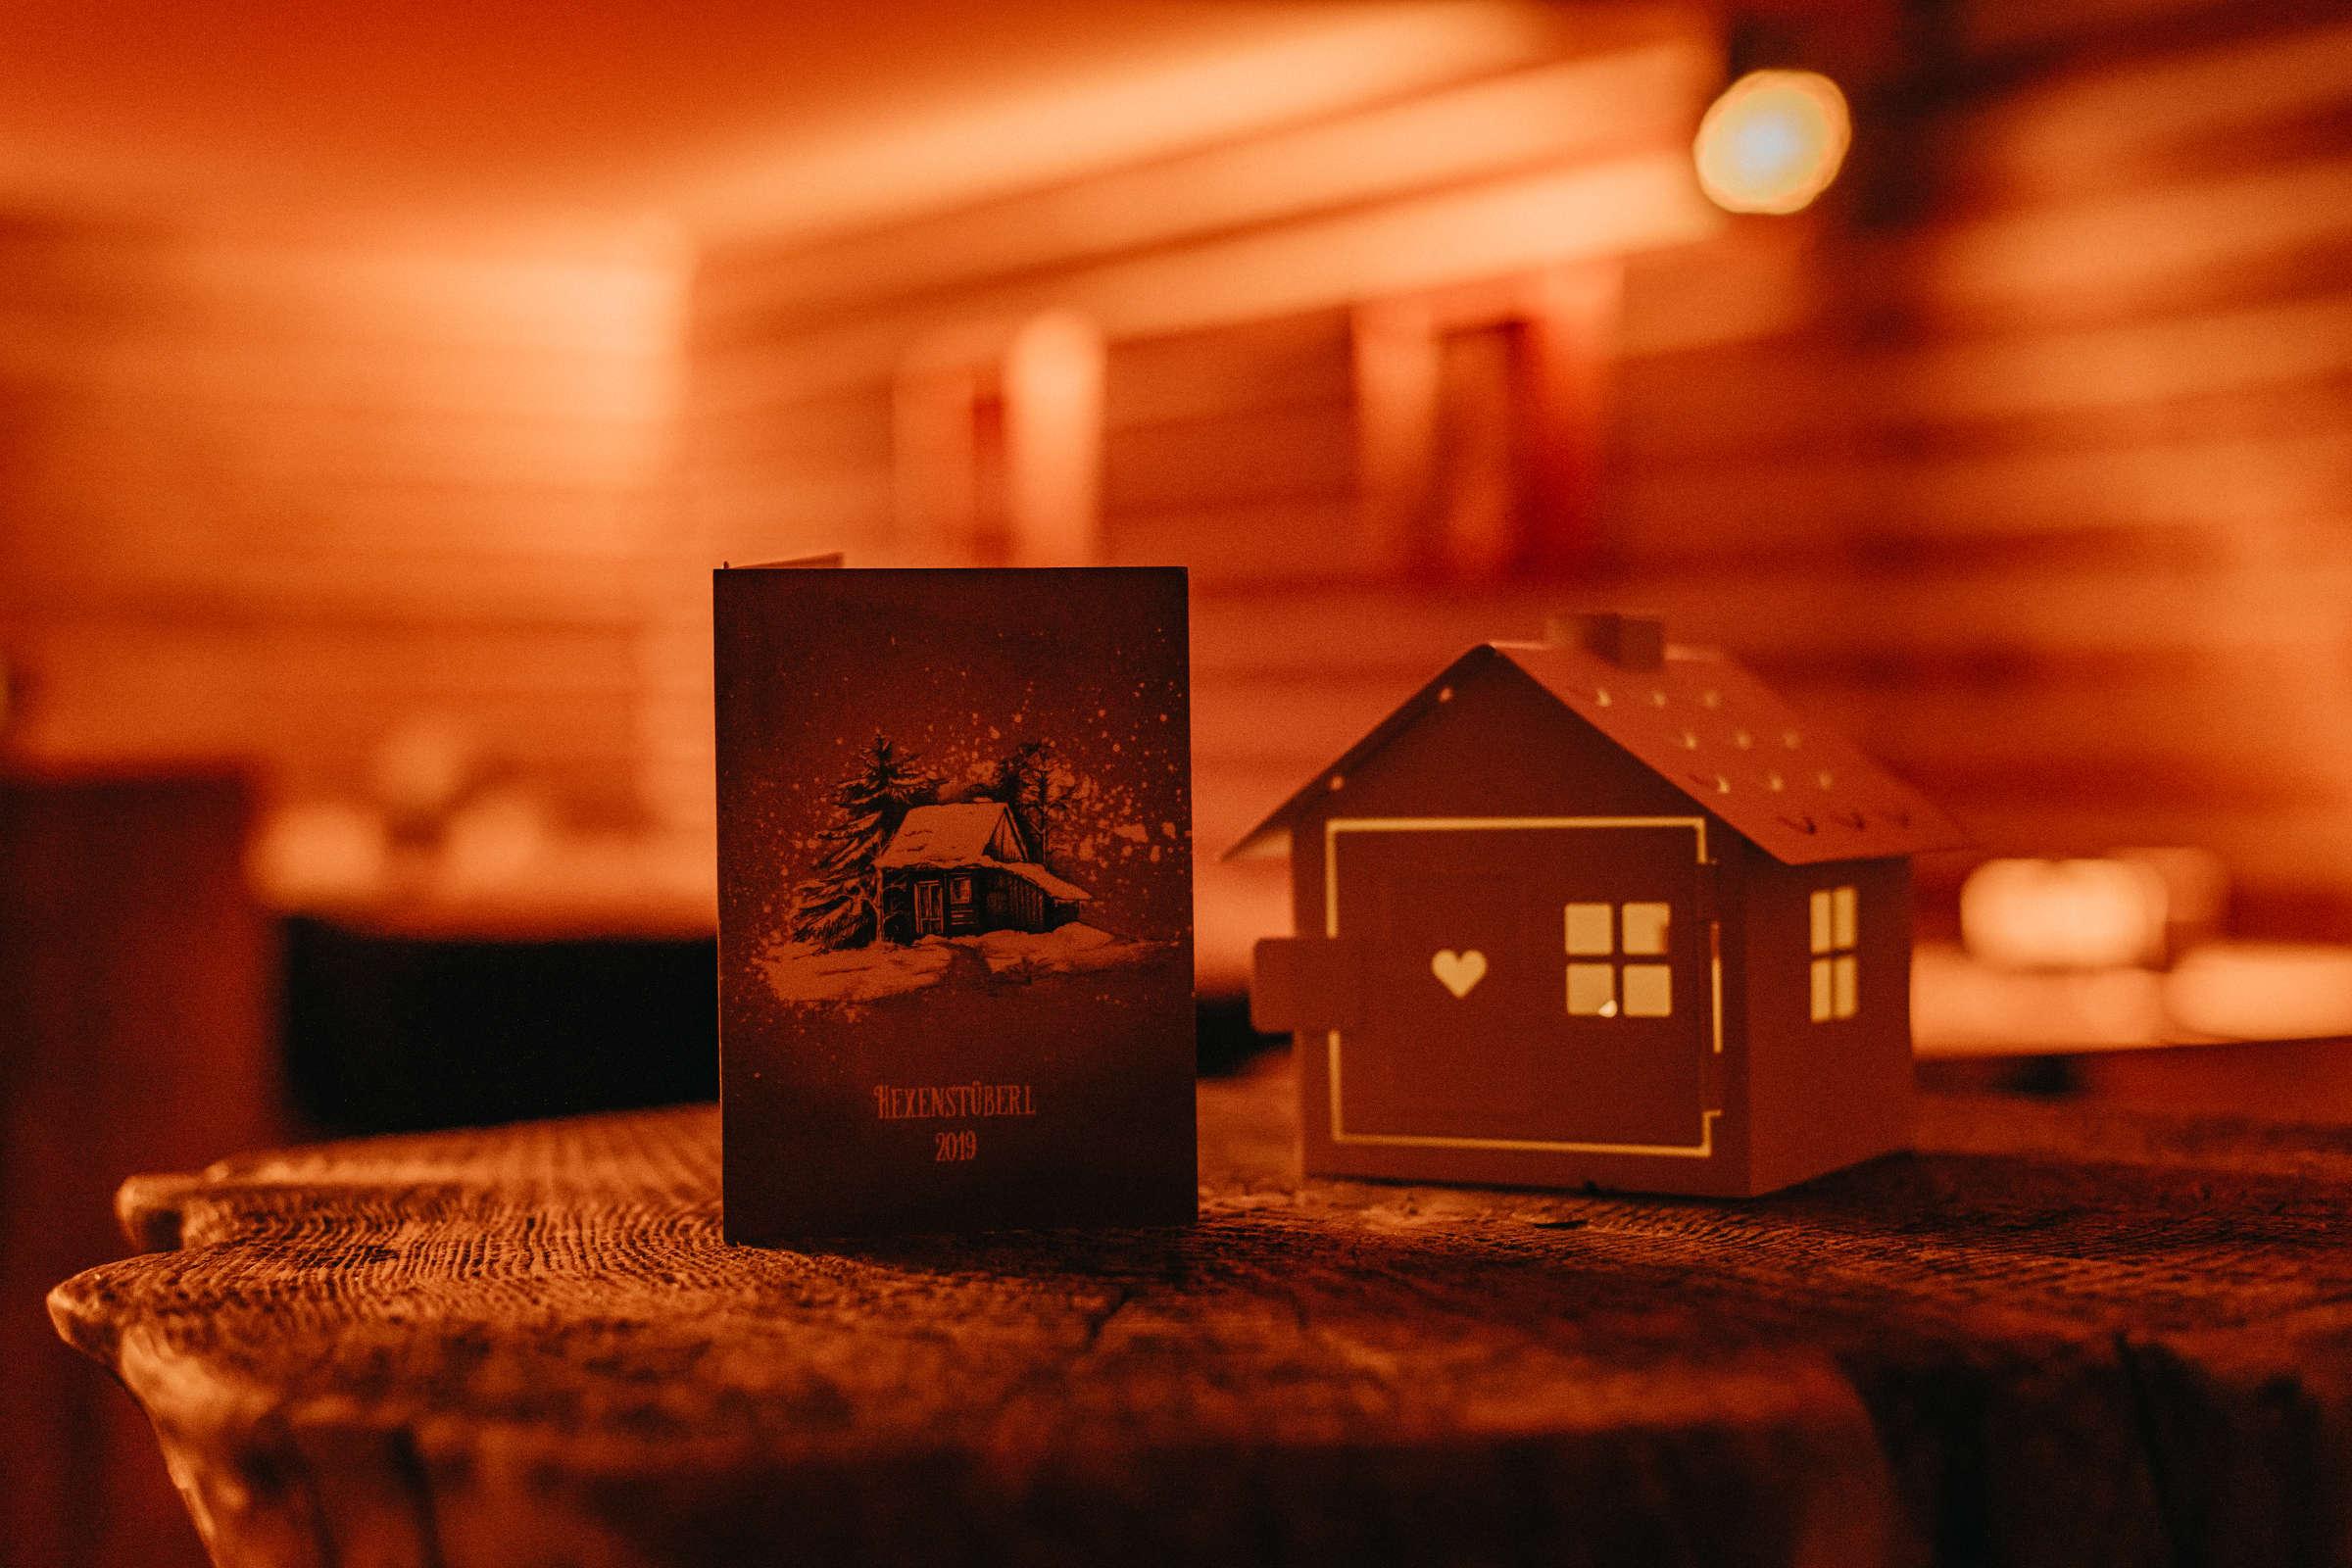 Menükarte und Dekoration bei einem Weihnachtsfeiern Event auf einem Holzstamm